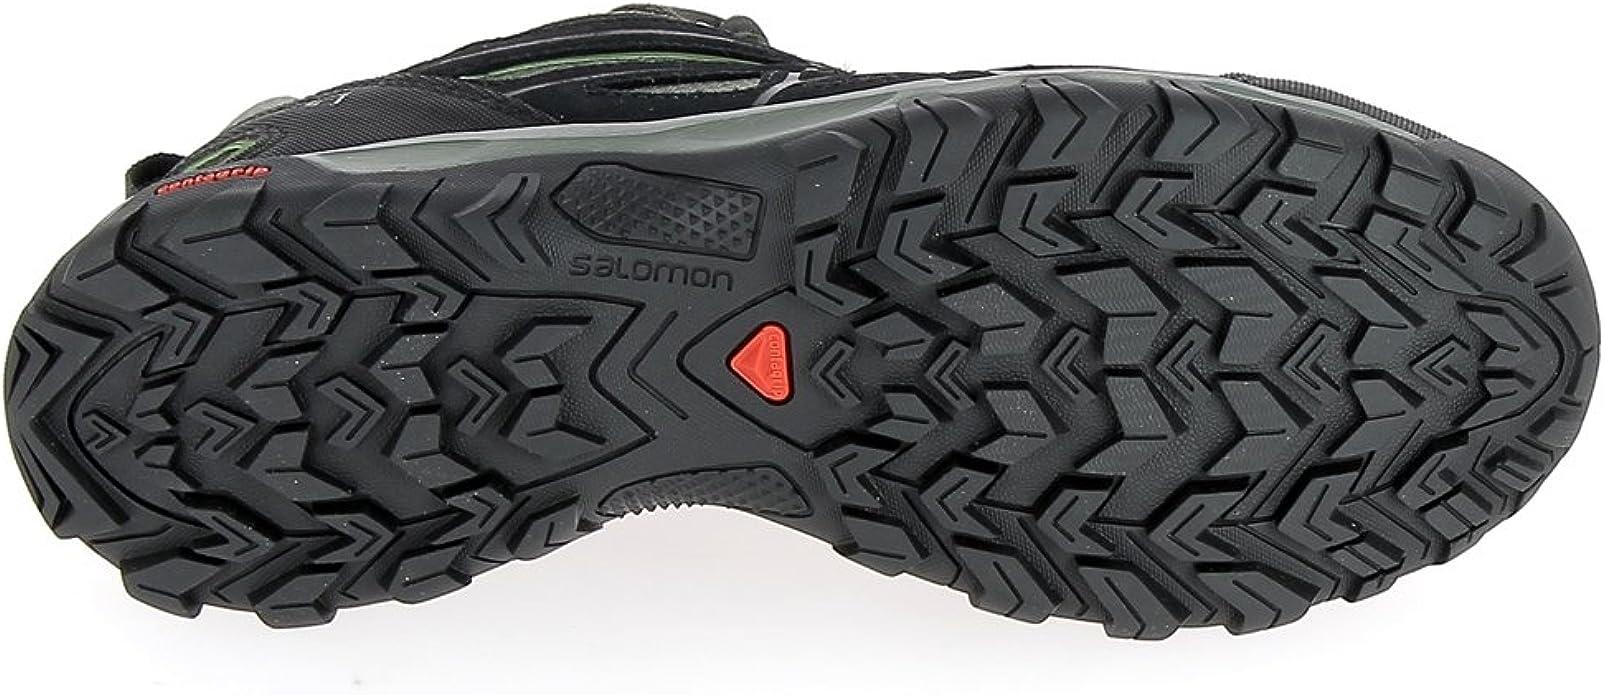 SALOMON Evasion 2 GTX, Chaussures de Randonnée Homme